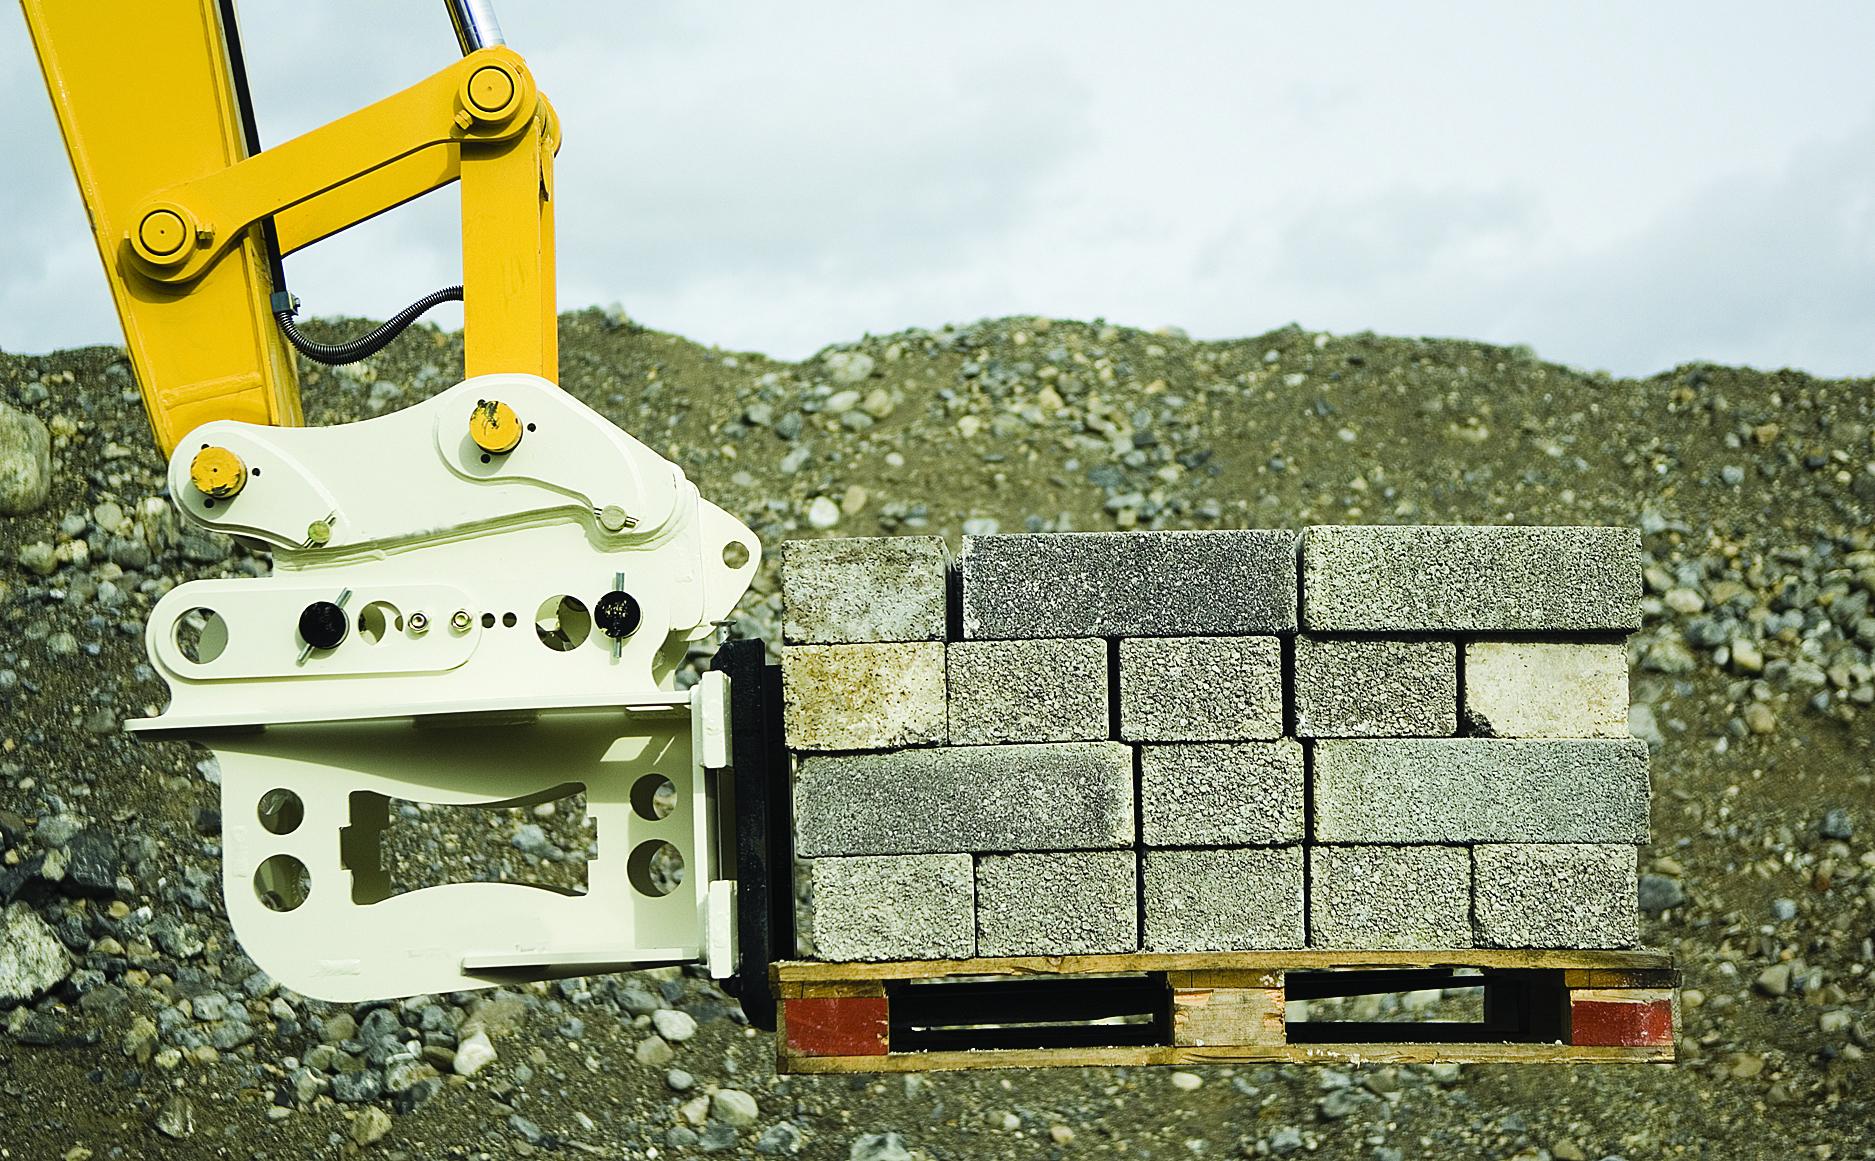 Pallet Forks 5-8 ton